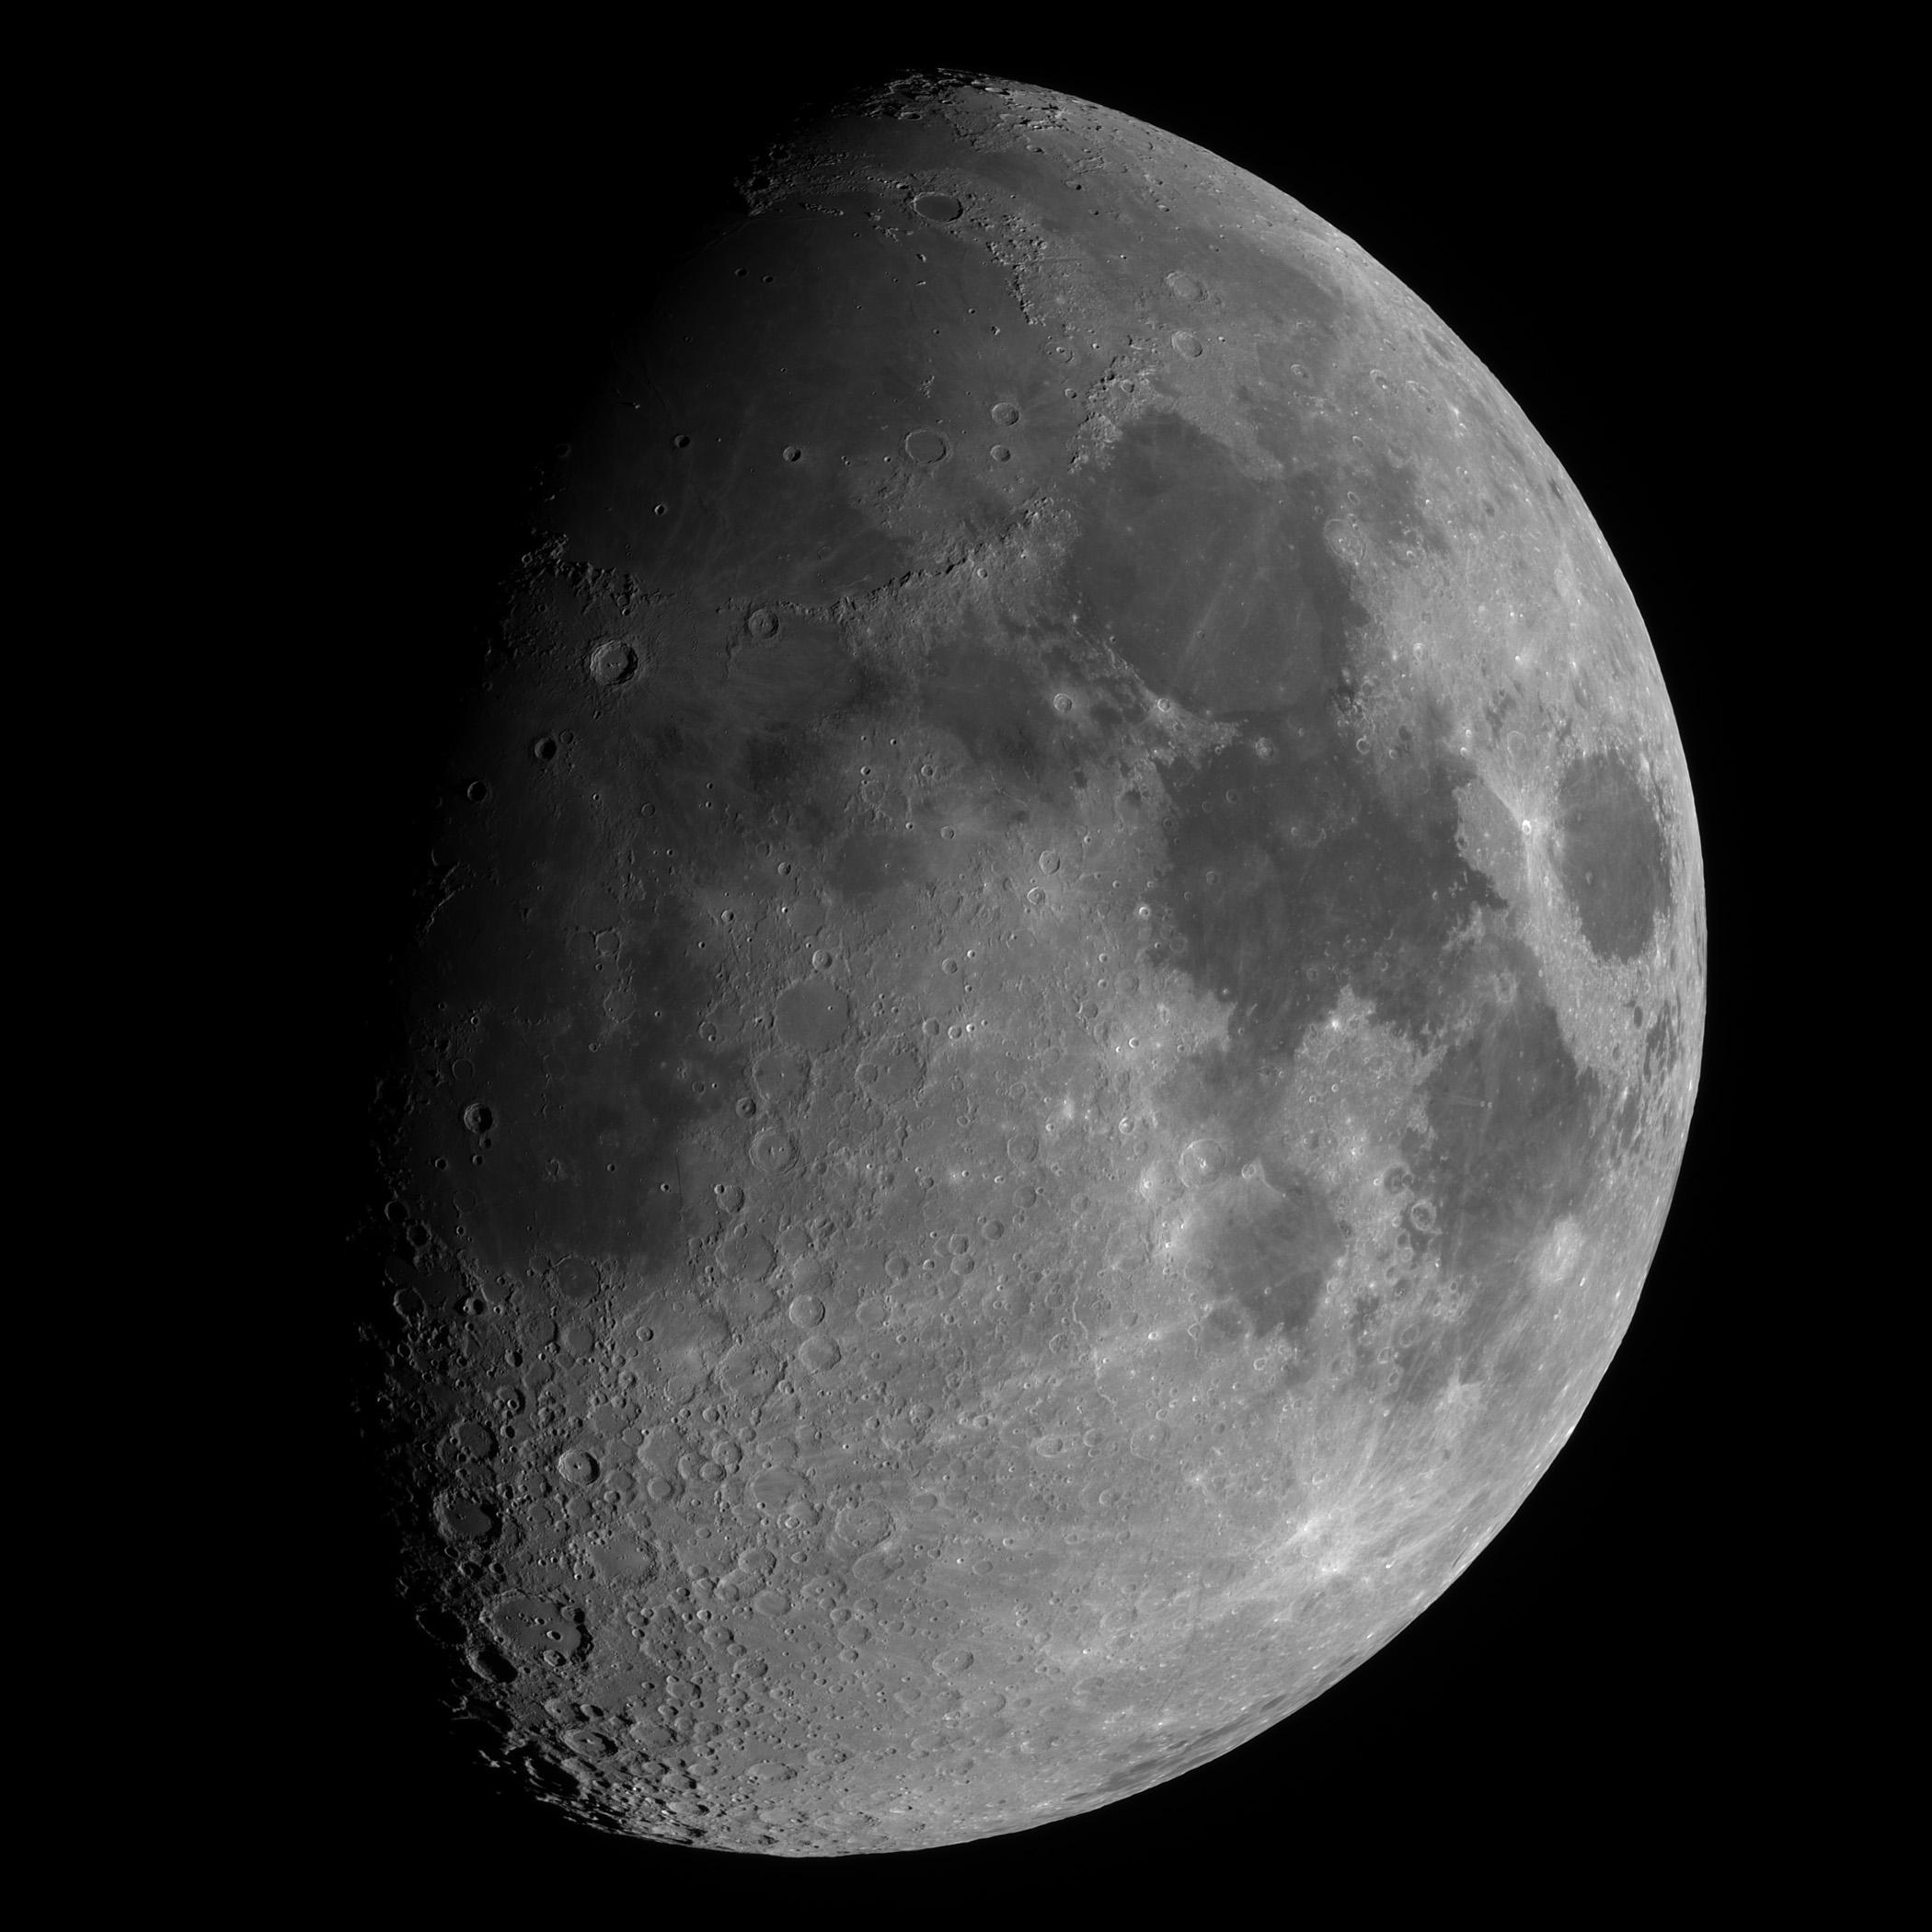 17-moon_FLT132_20141003_G3_IRpass-01